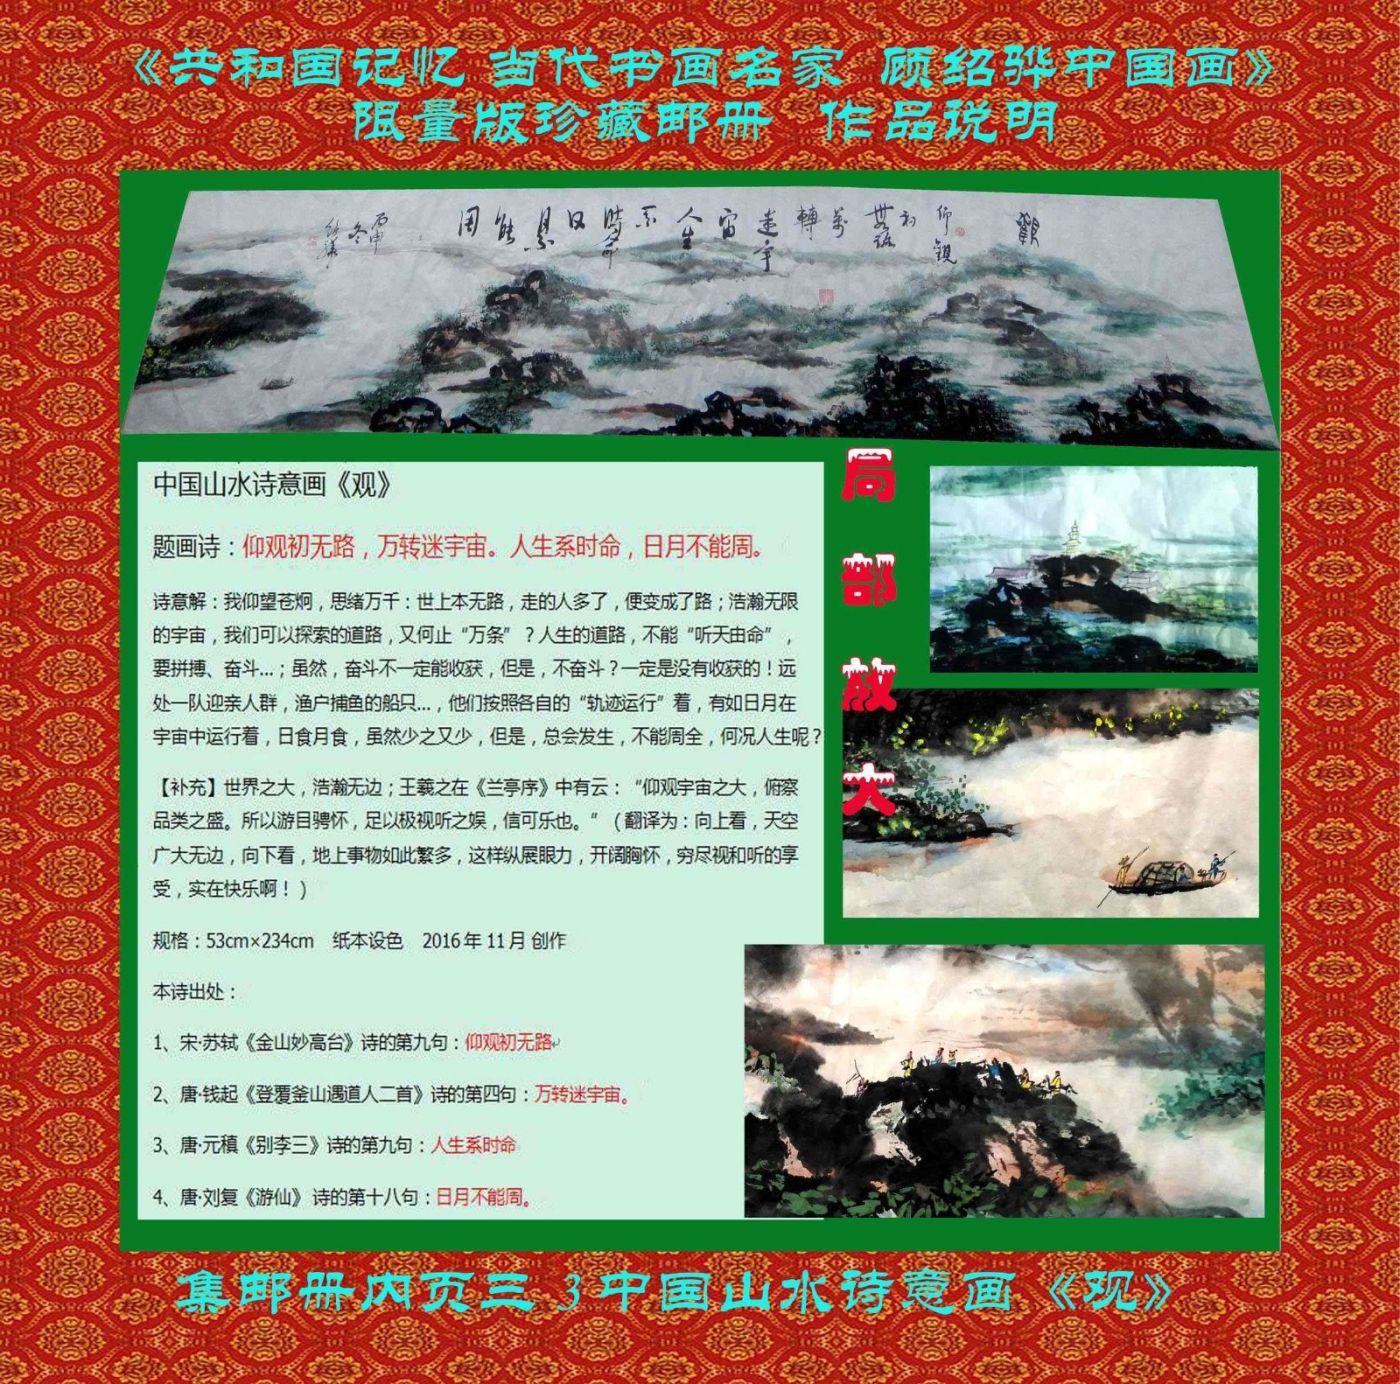 """""""顾绍骅的诗情画意""""入选《共和国记忆 ·中国书画艺术名家》限量版集邮珍藏册 ..._图1-19"""